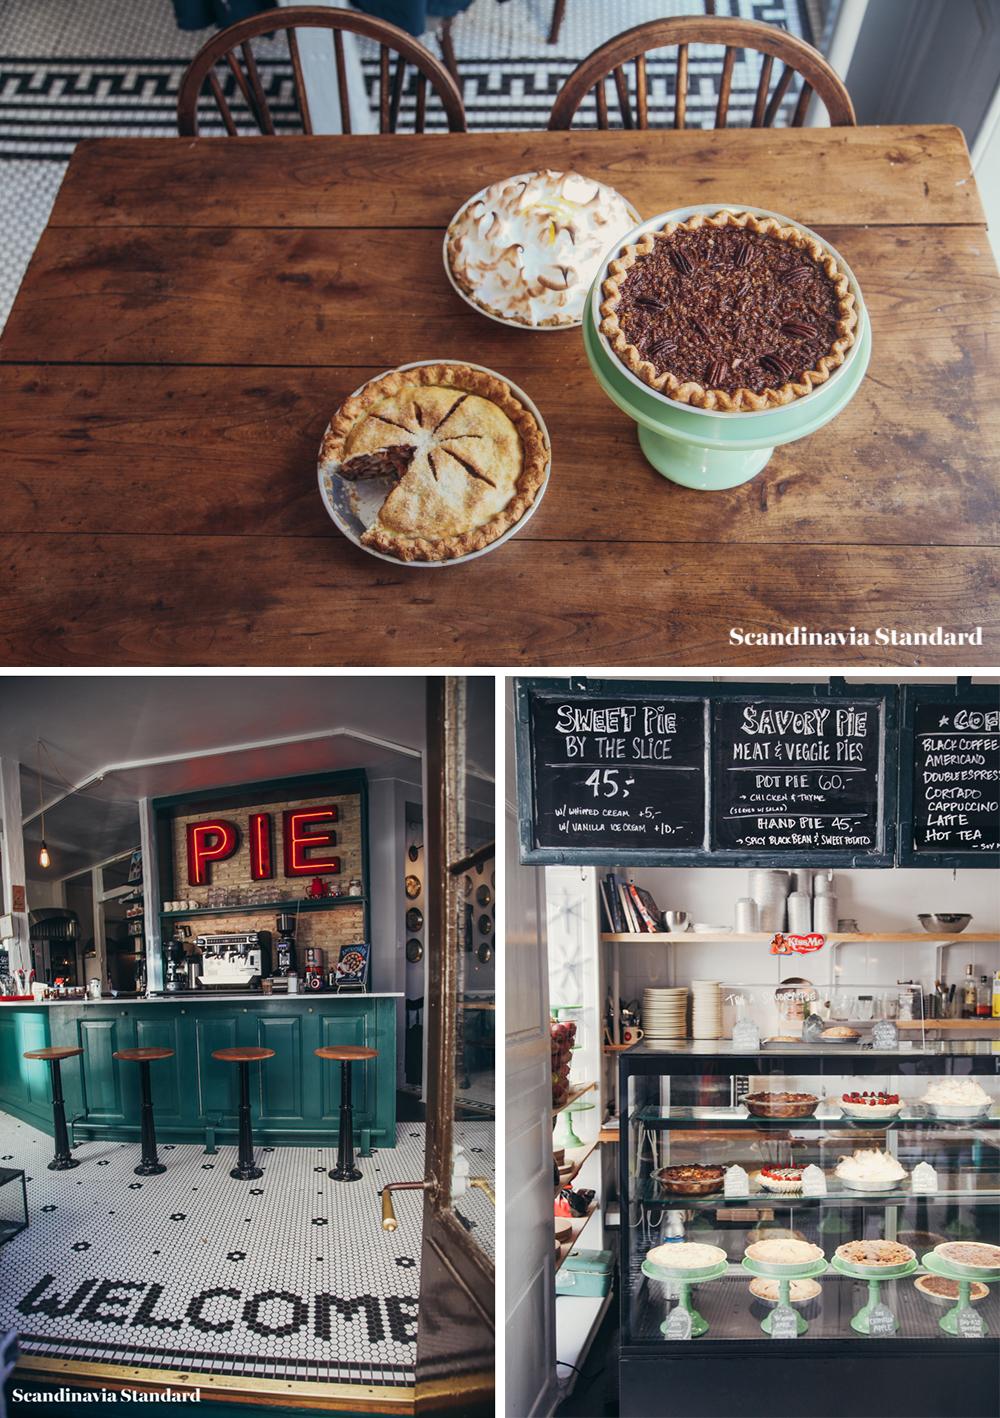 Pie Copenhagen Collage 1 | Scandinavia Standard